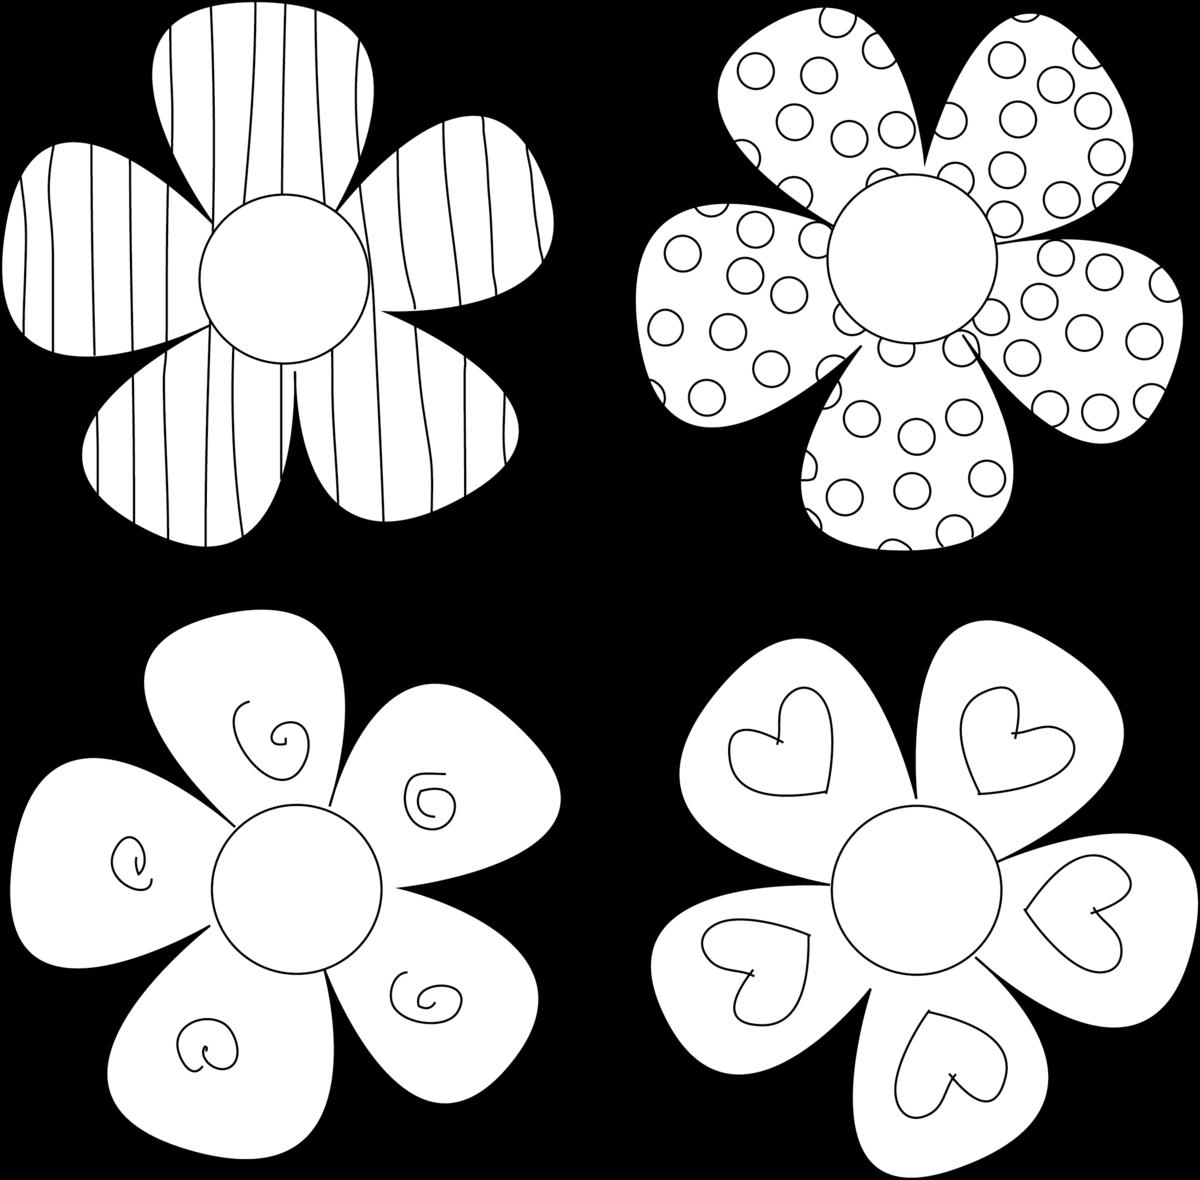 работы цветы для раскрашивания и вырезания всегда вдохновляюсь